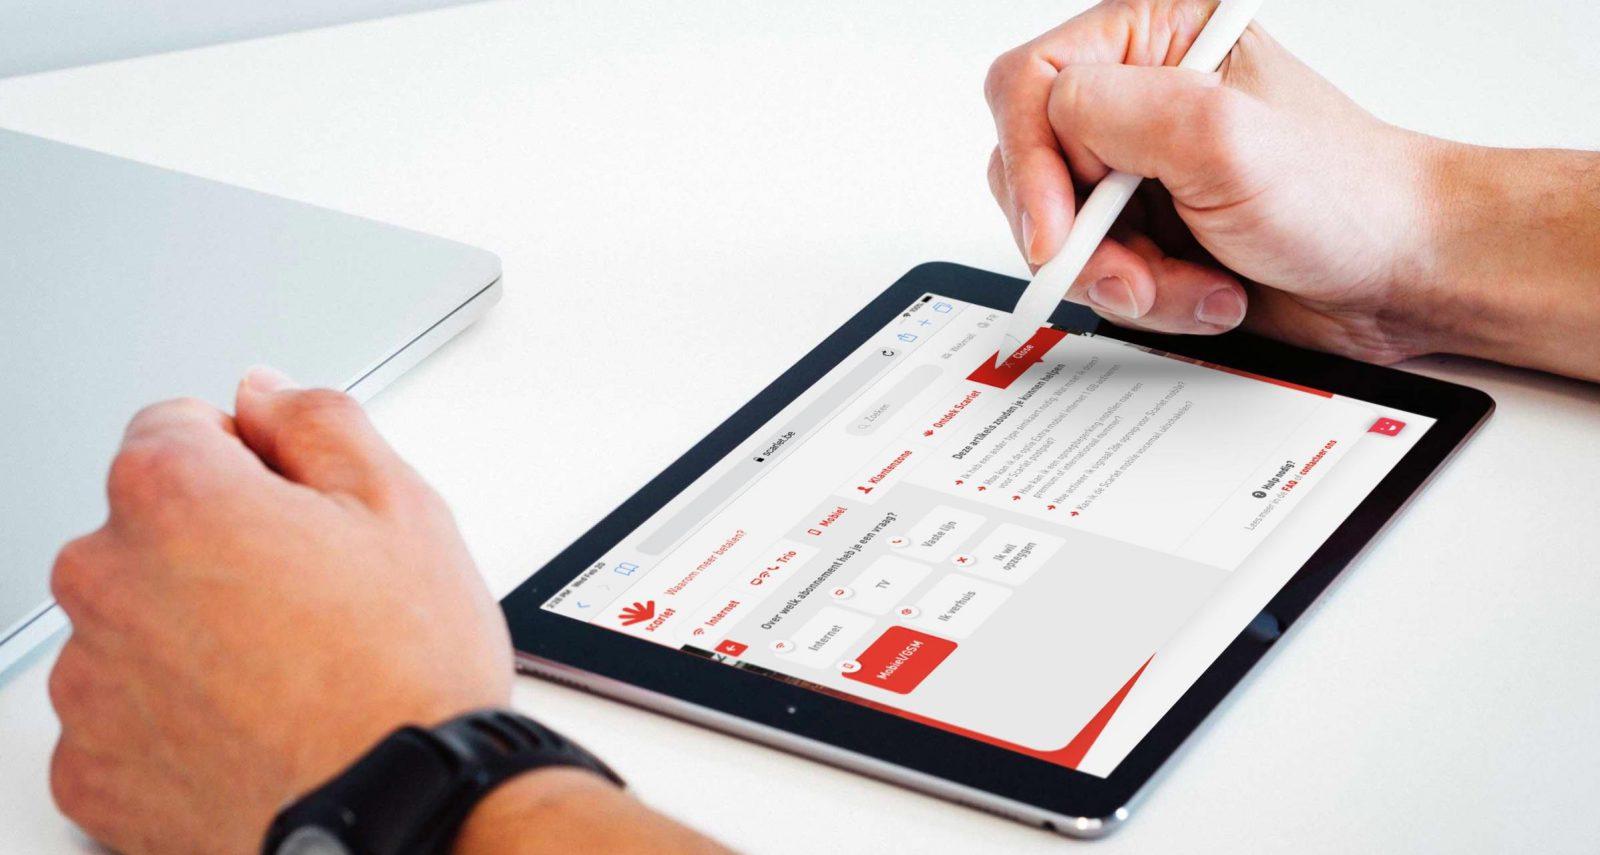 Scarlet FAQ module on iPad